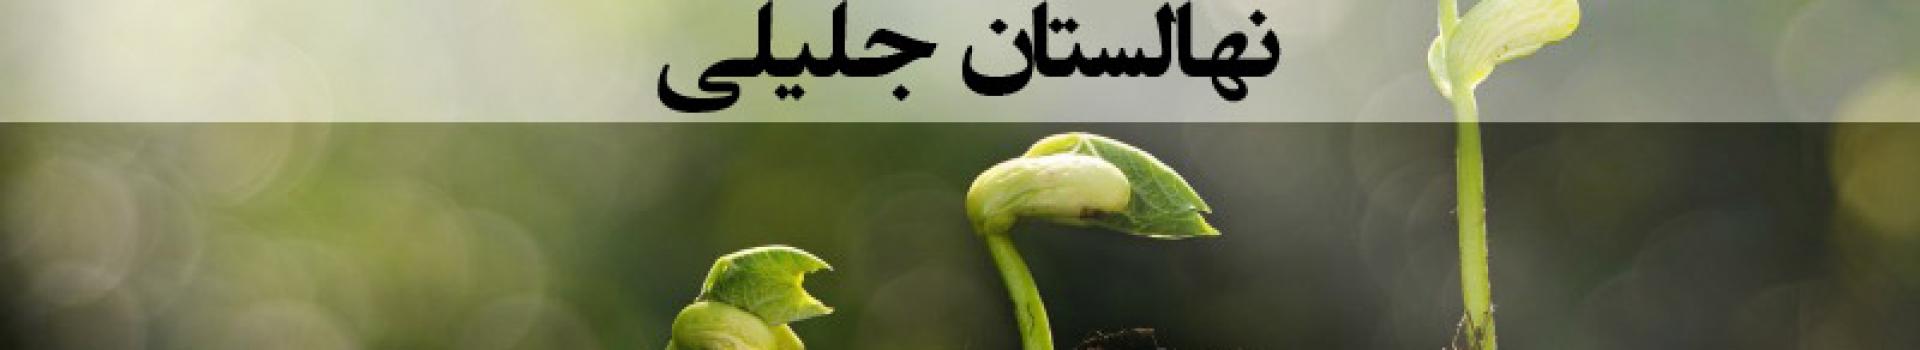 طریقه اصولی کاشت نهال میوه